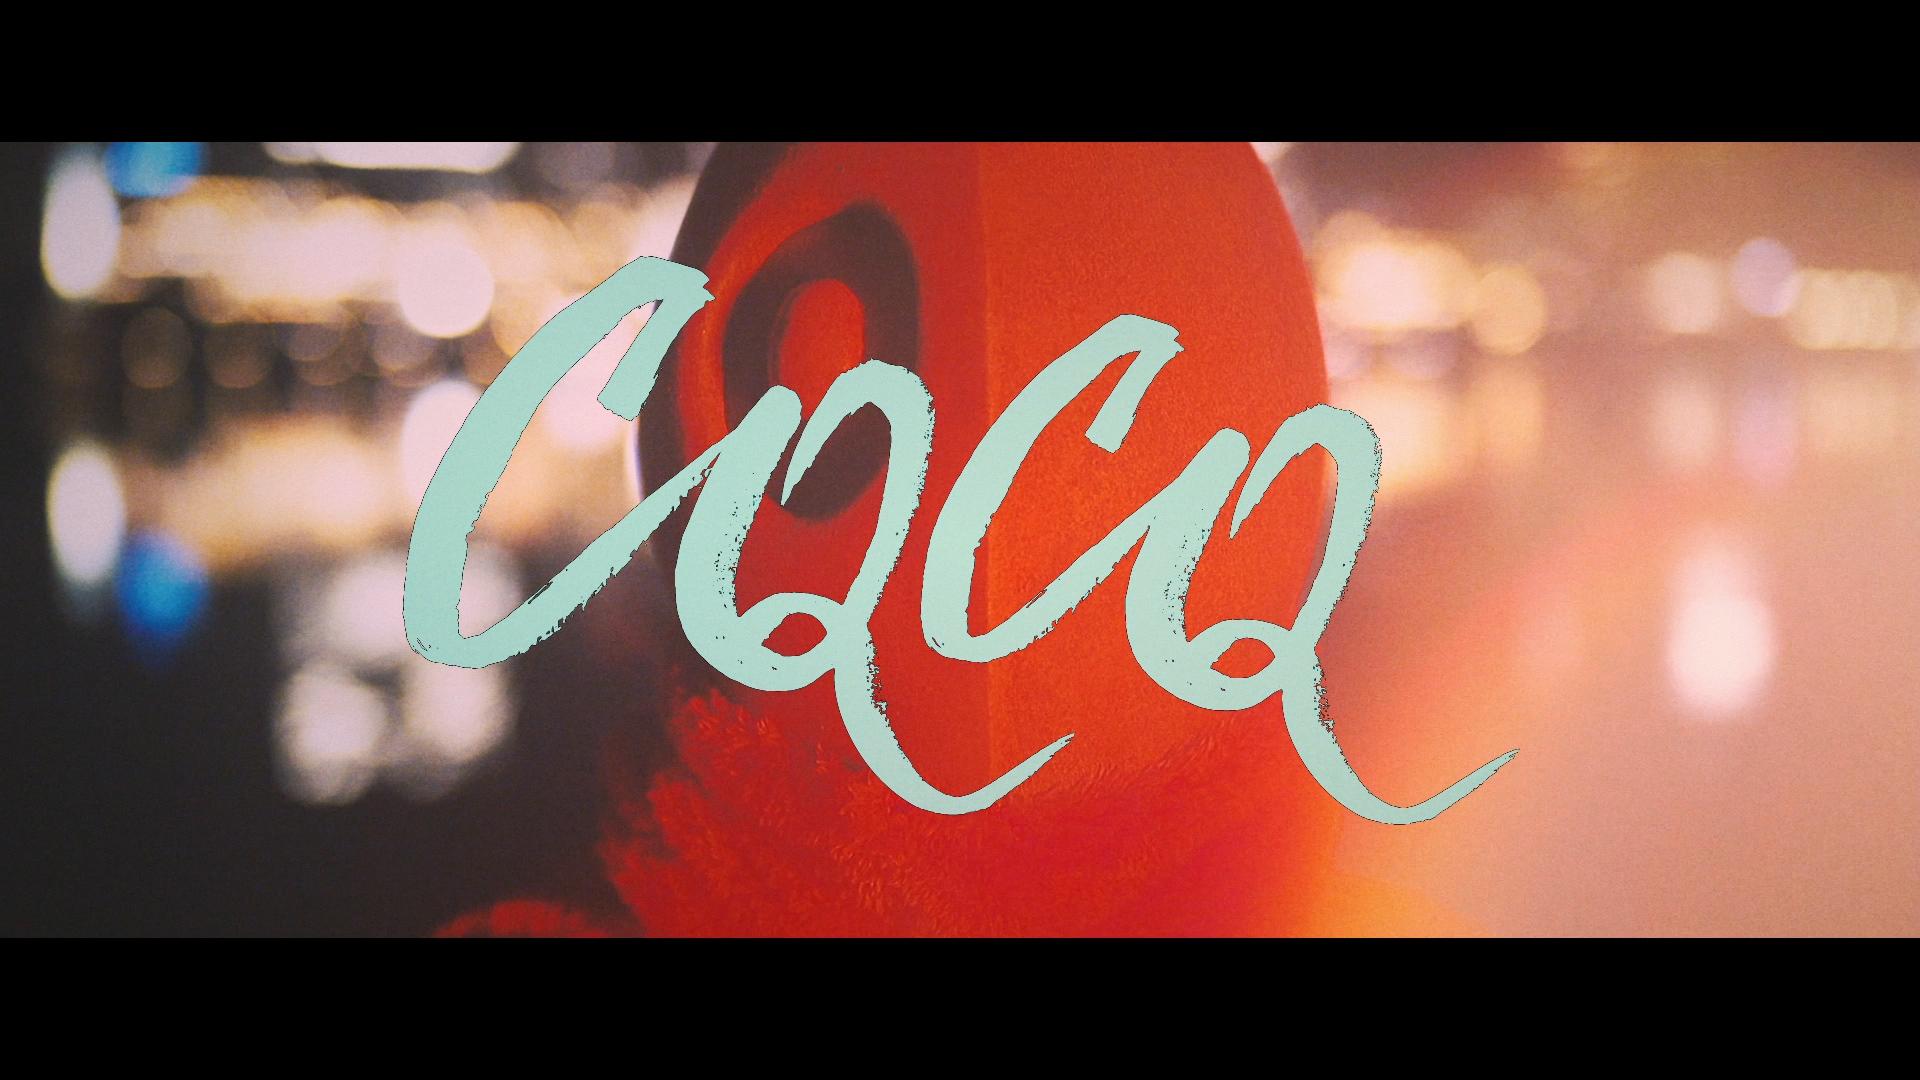 Warner Music Japan Inc.<br>神様、僕は気づいてしまった「CQCQ」